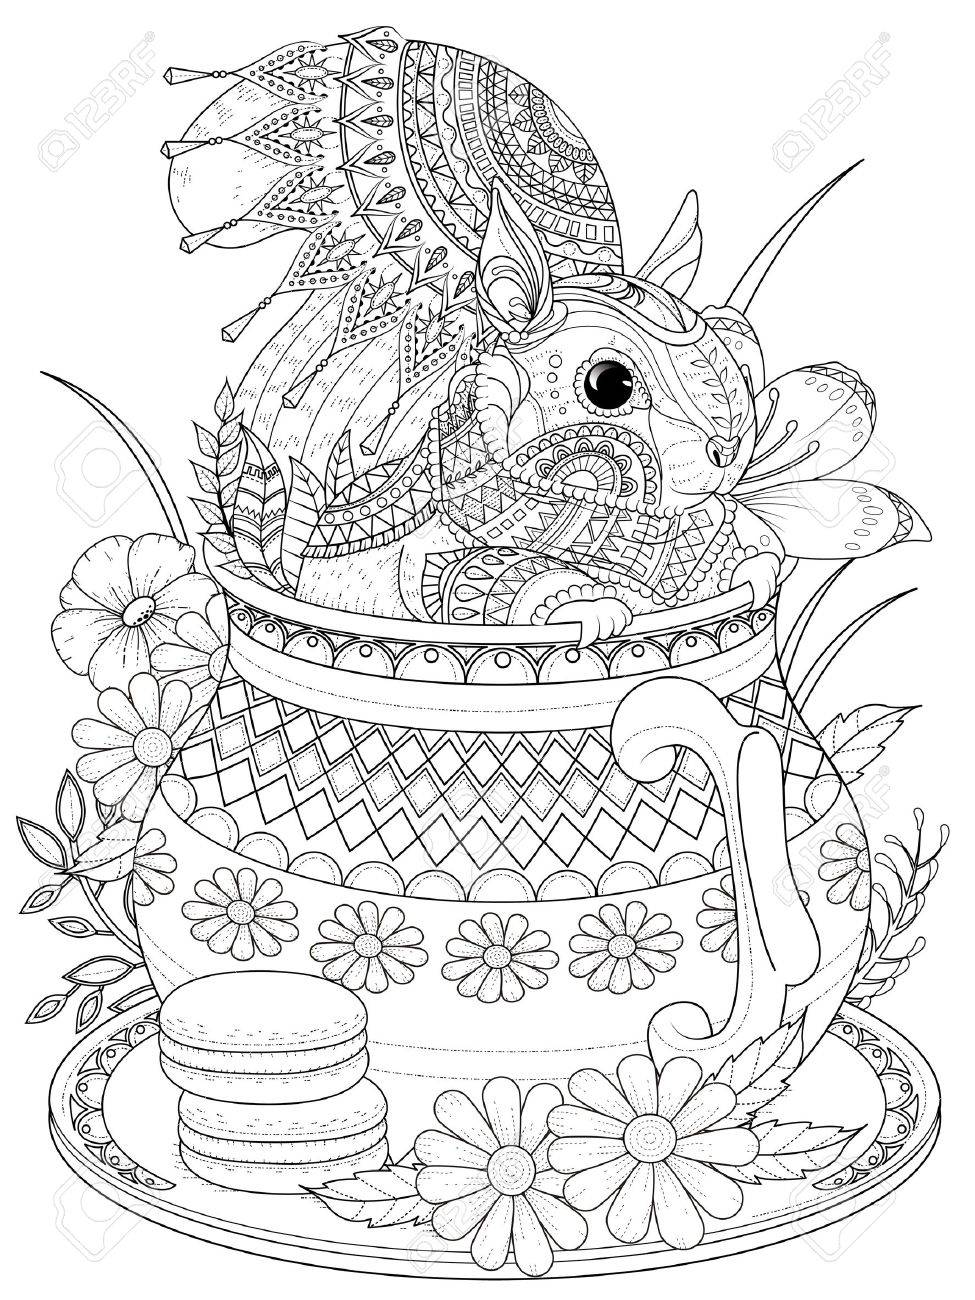 banque dimages coloriage adulte cureuil adorable dans une thire